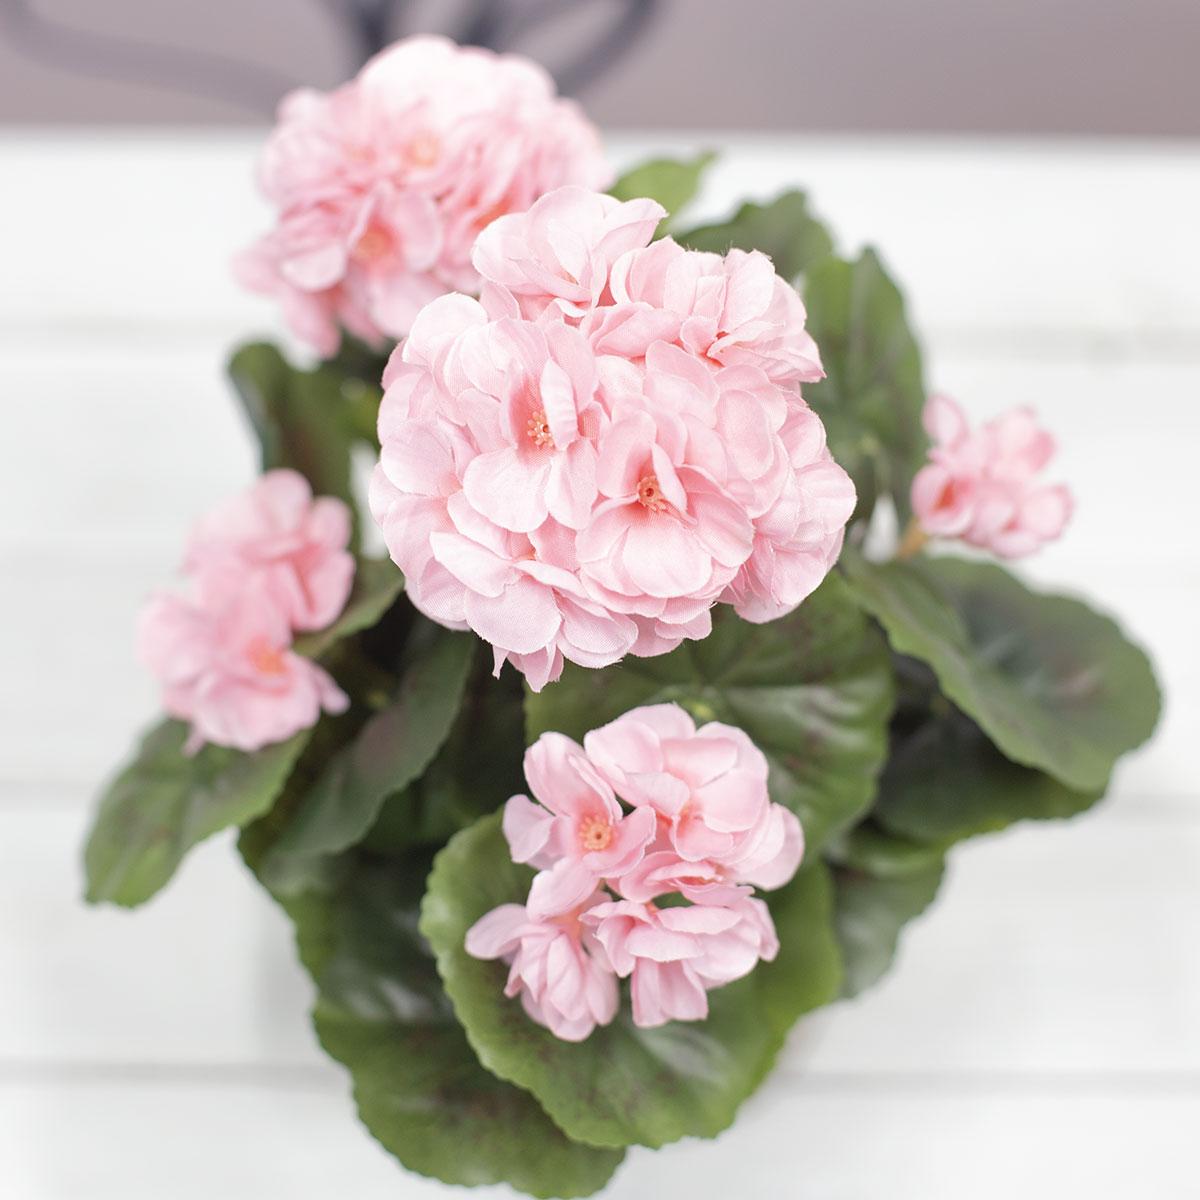 핑크색 위에서본 사진